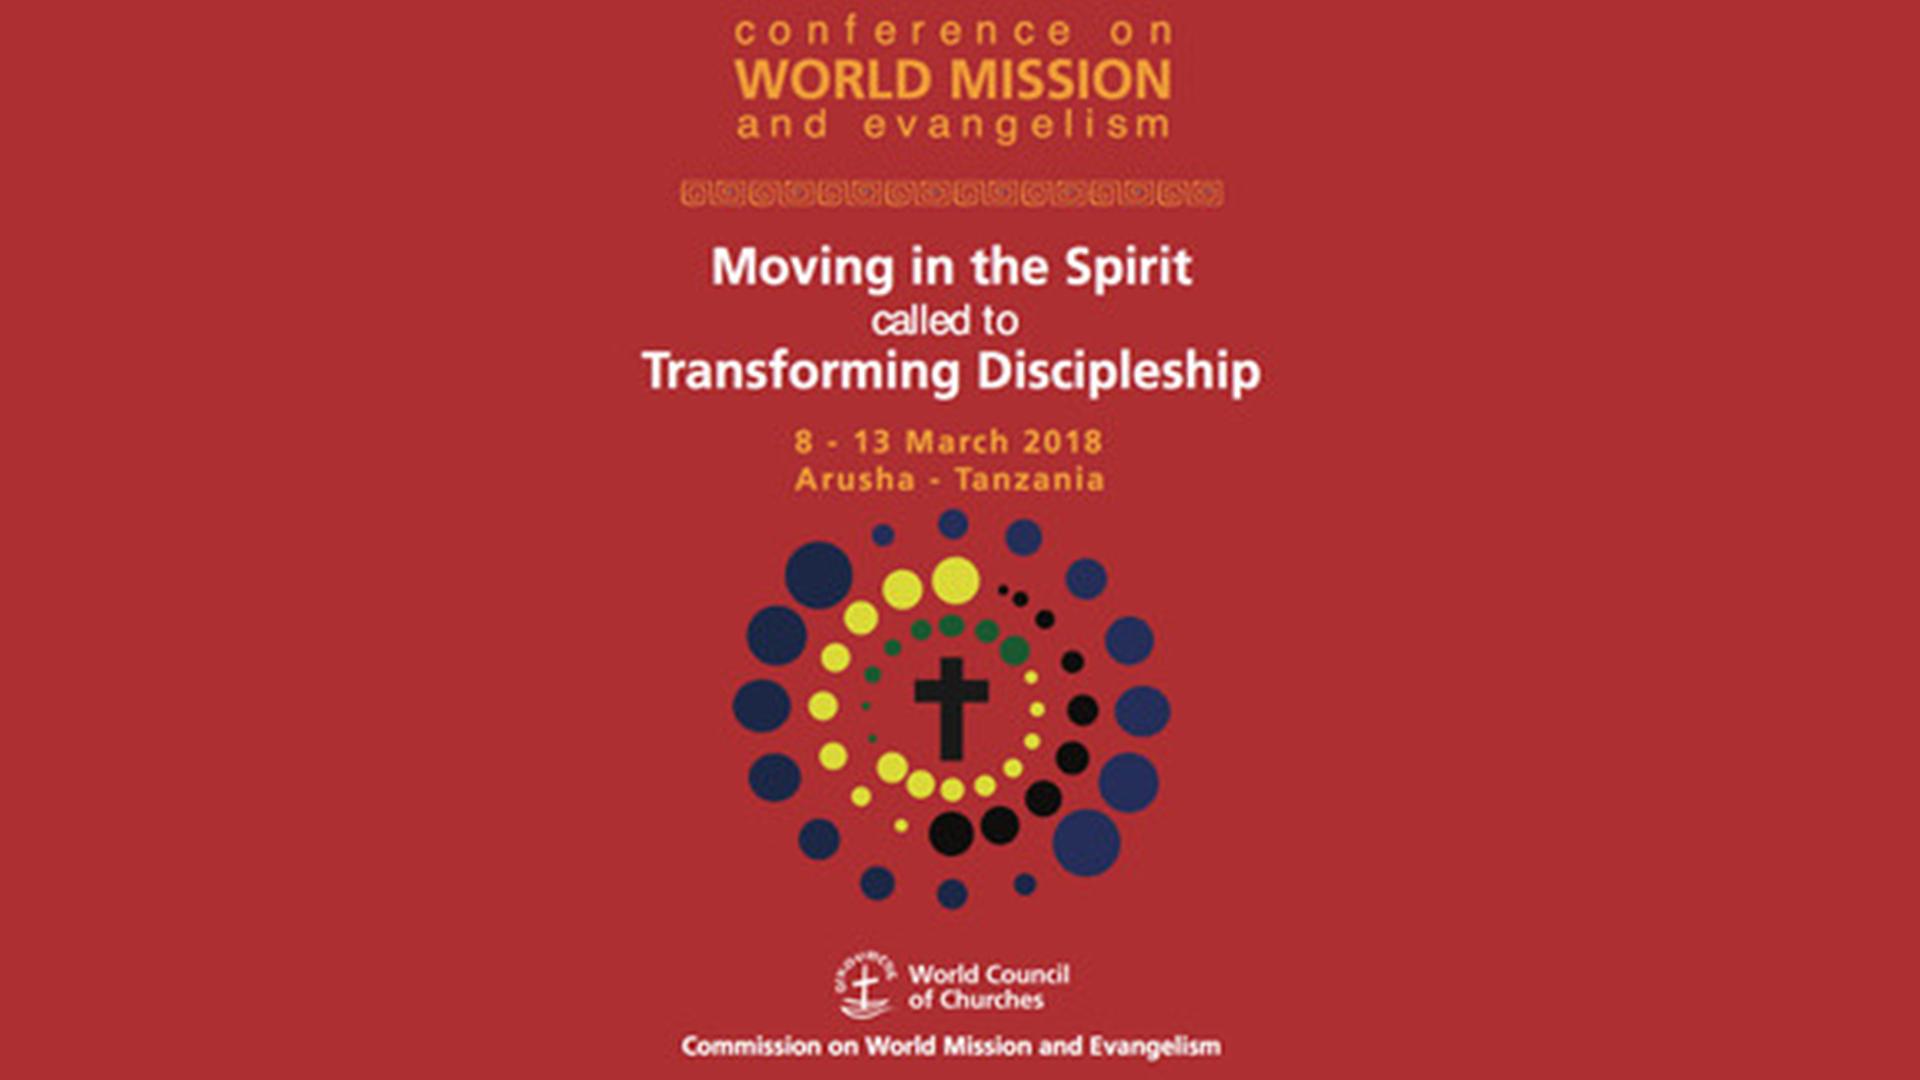 Konferenz für Weltmission in Arusha